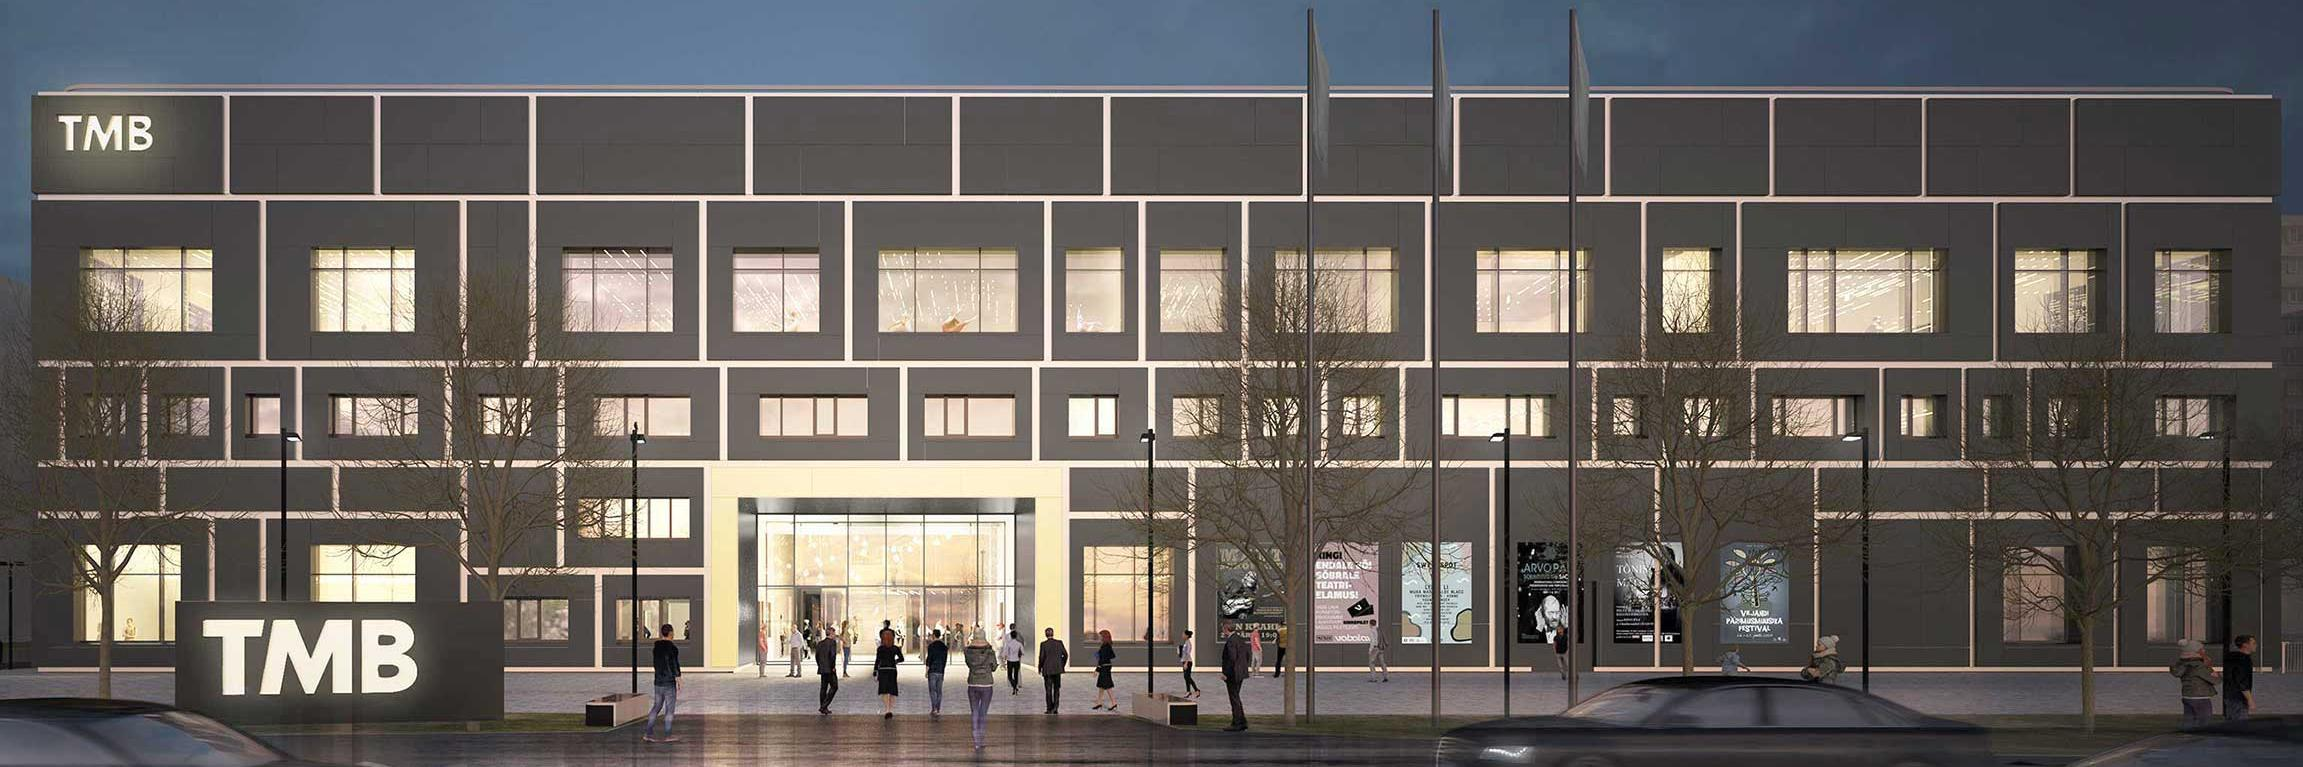 Tallinna Muusika- ja Balletikool Tallinna Muusika- ja Balletikool otsib konkursiga õppehoone siseaeda kunstiteost